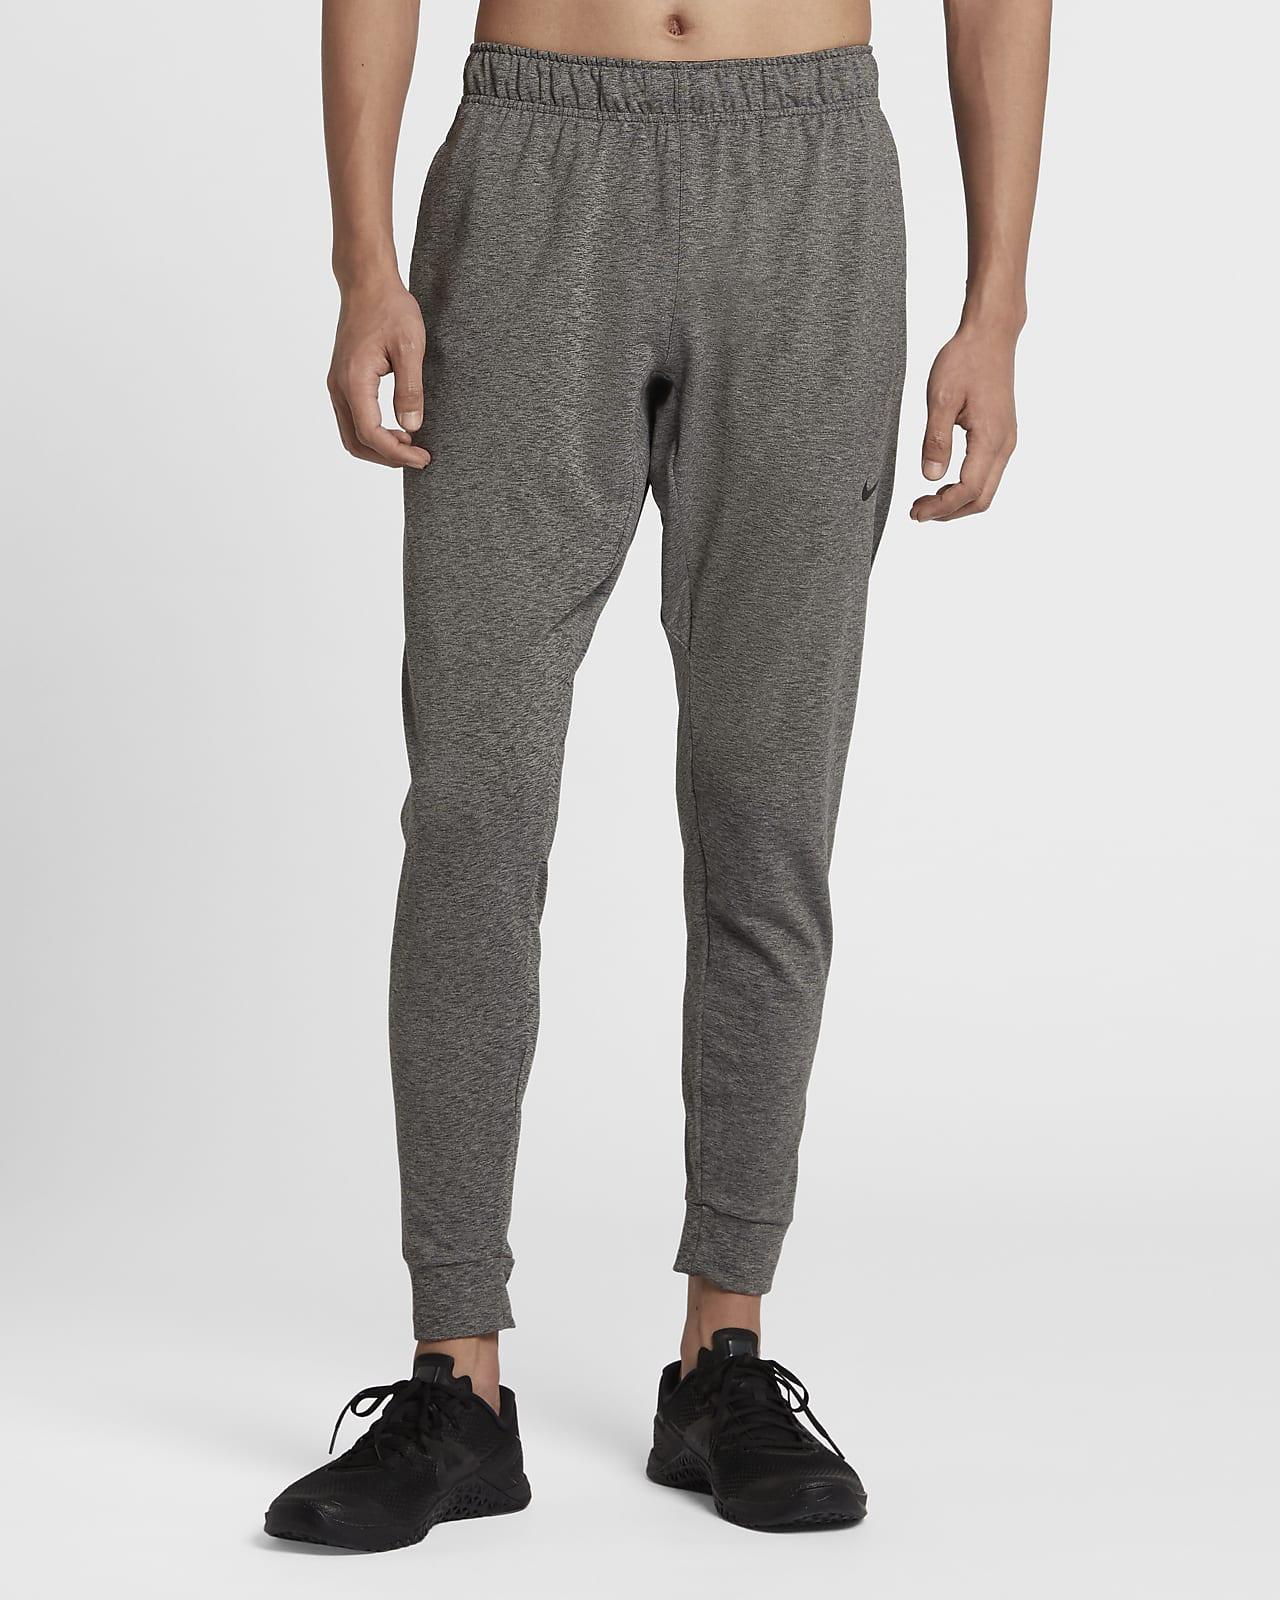 Nike Dri-FIT Men's Yoga Trousers